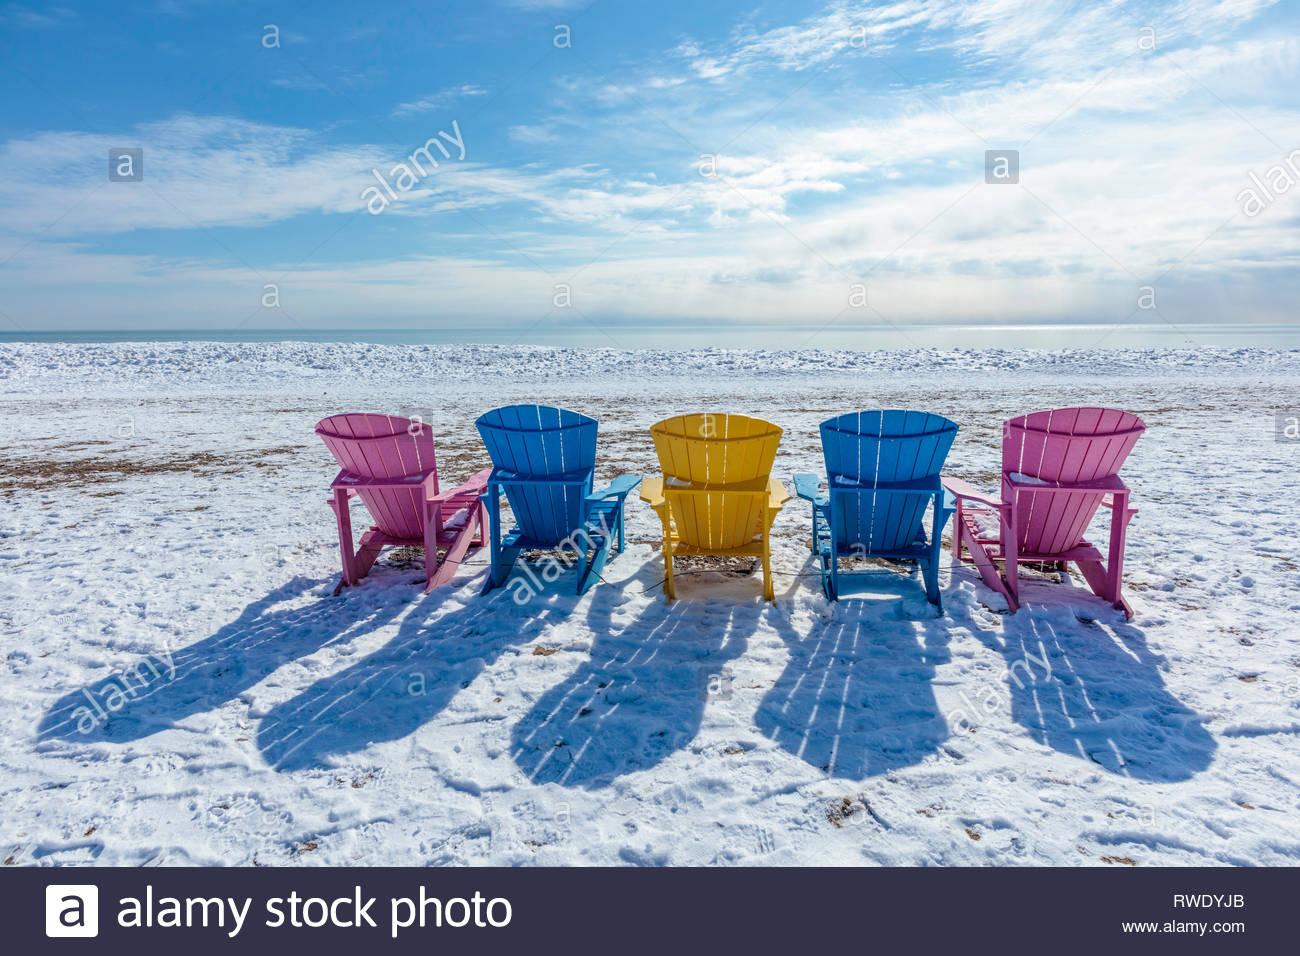 muskoka-chair-adirondack-chair-in-winter